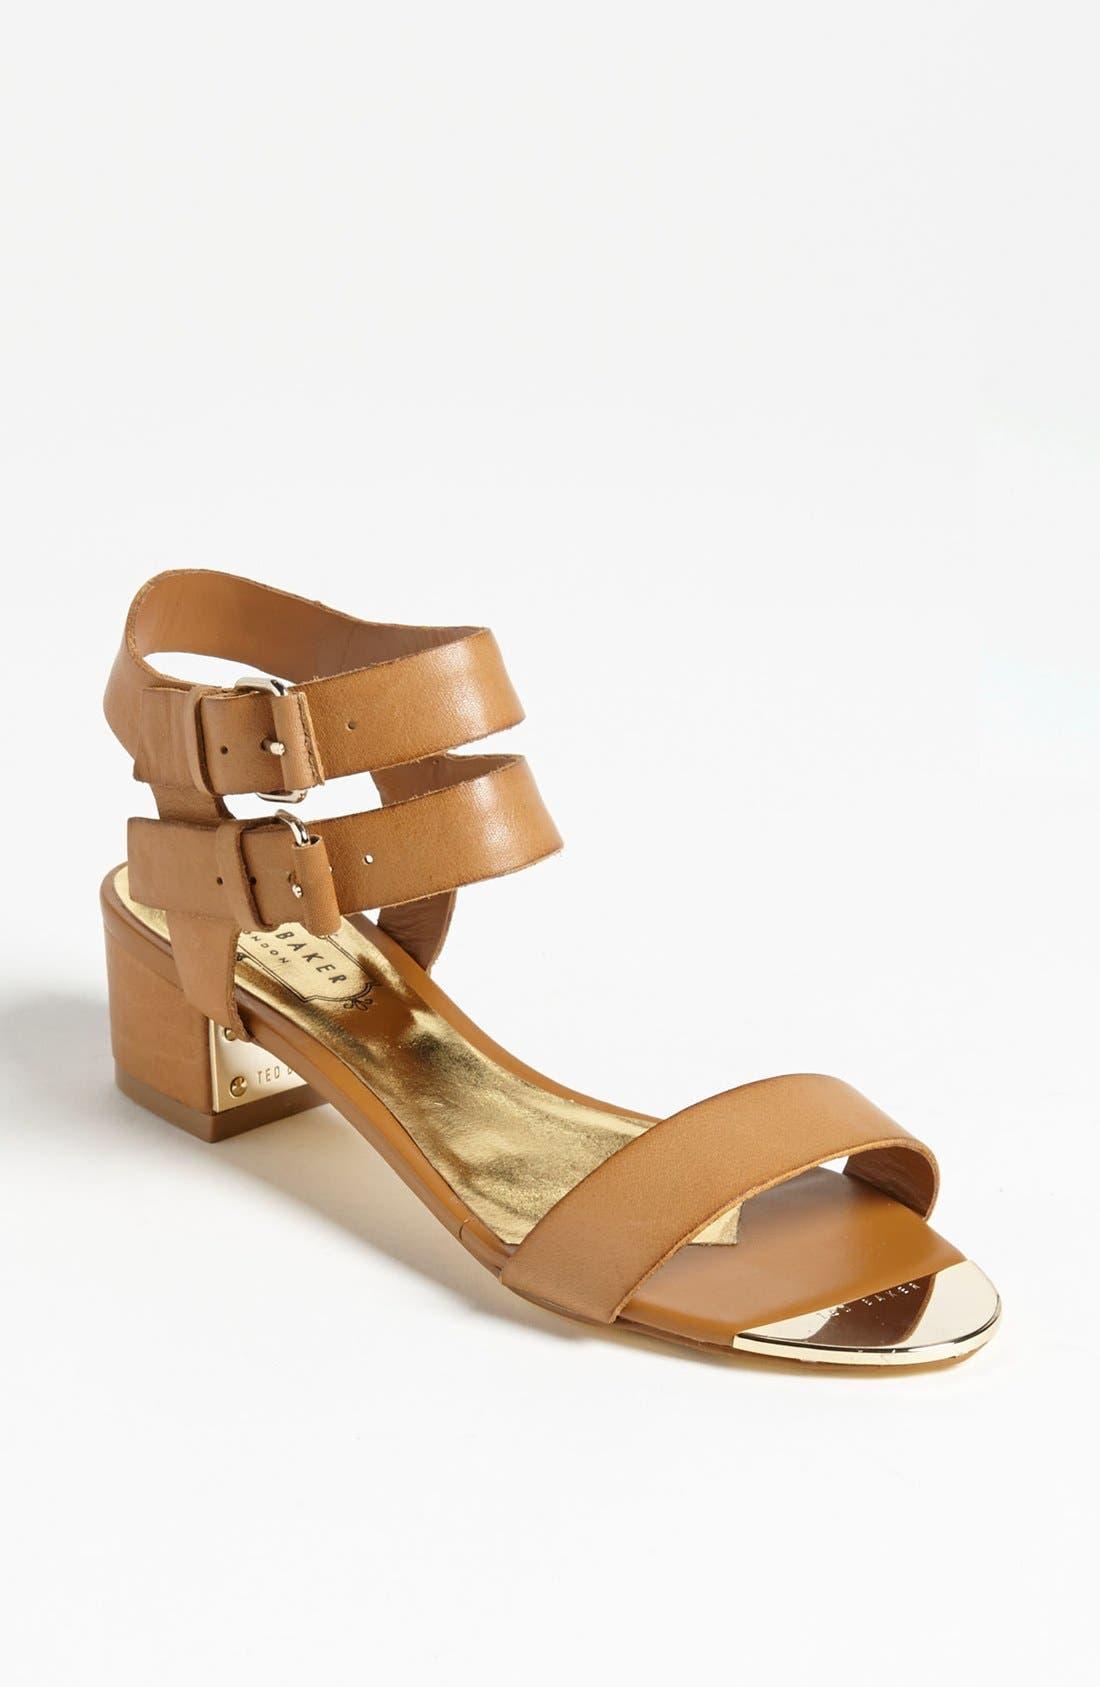 Alternate Image 1 Selected - Ted Baker London 'Dreesa' Sandal